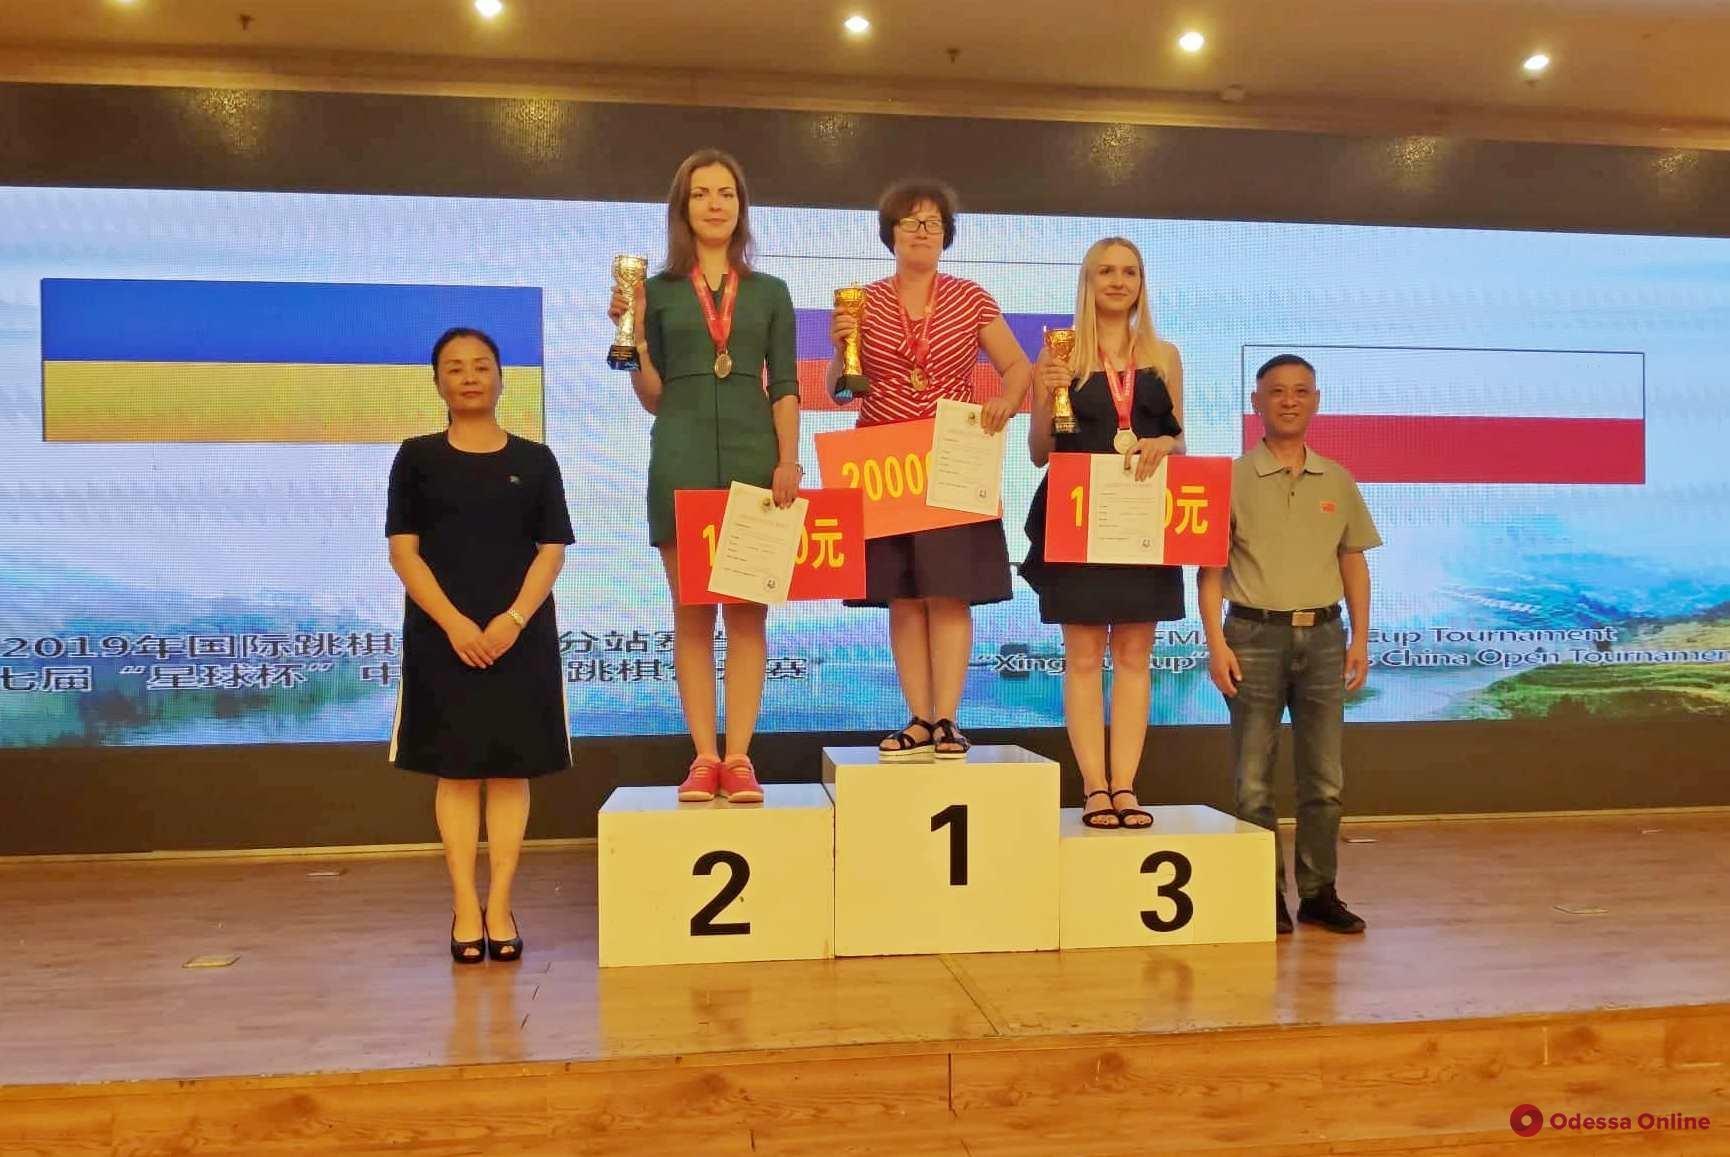 Шашки: титулованная одесситка завоевала медаль этапа Кубка мира